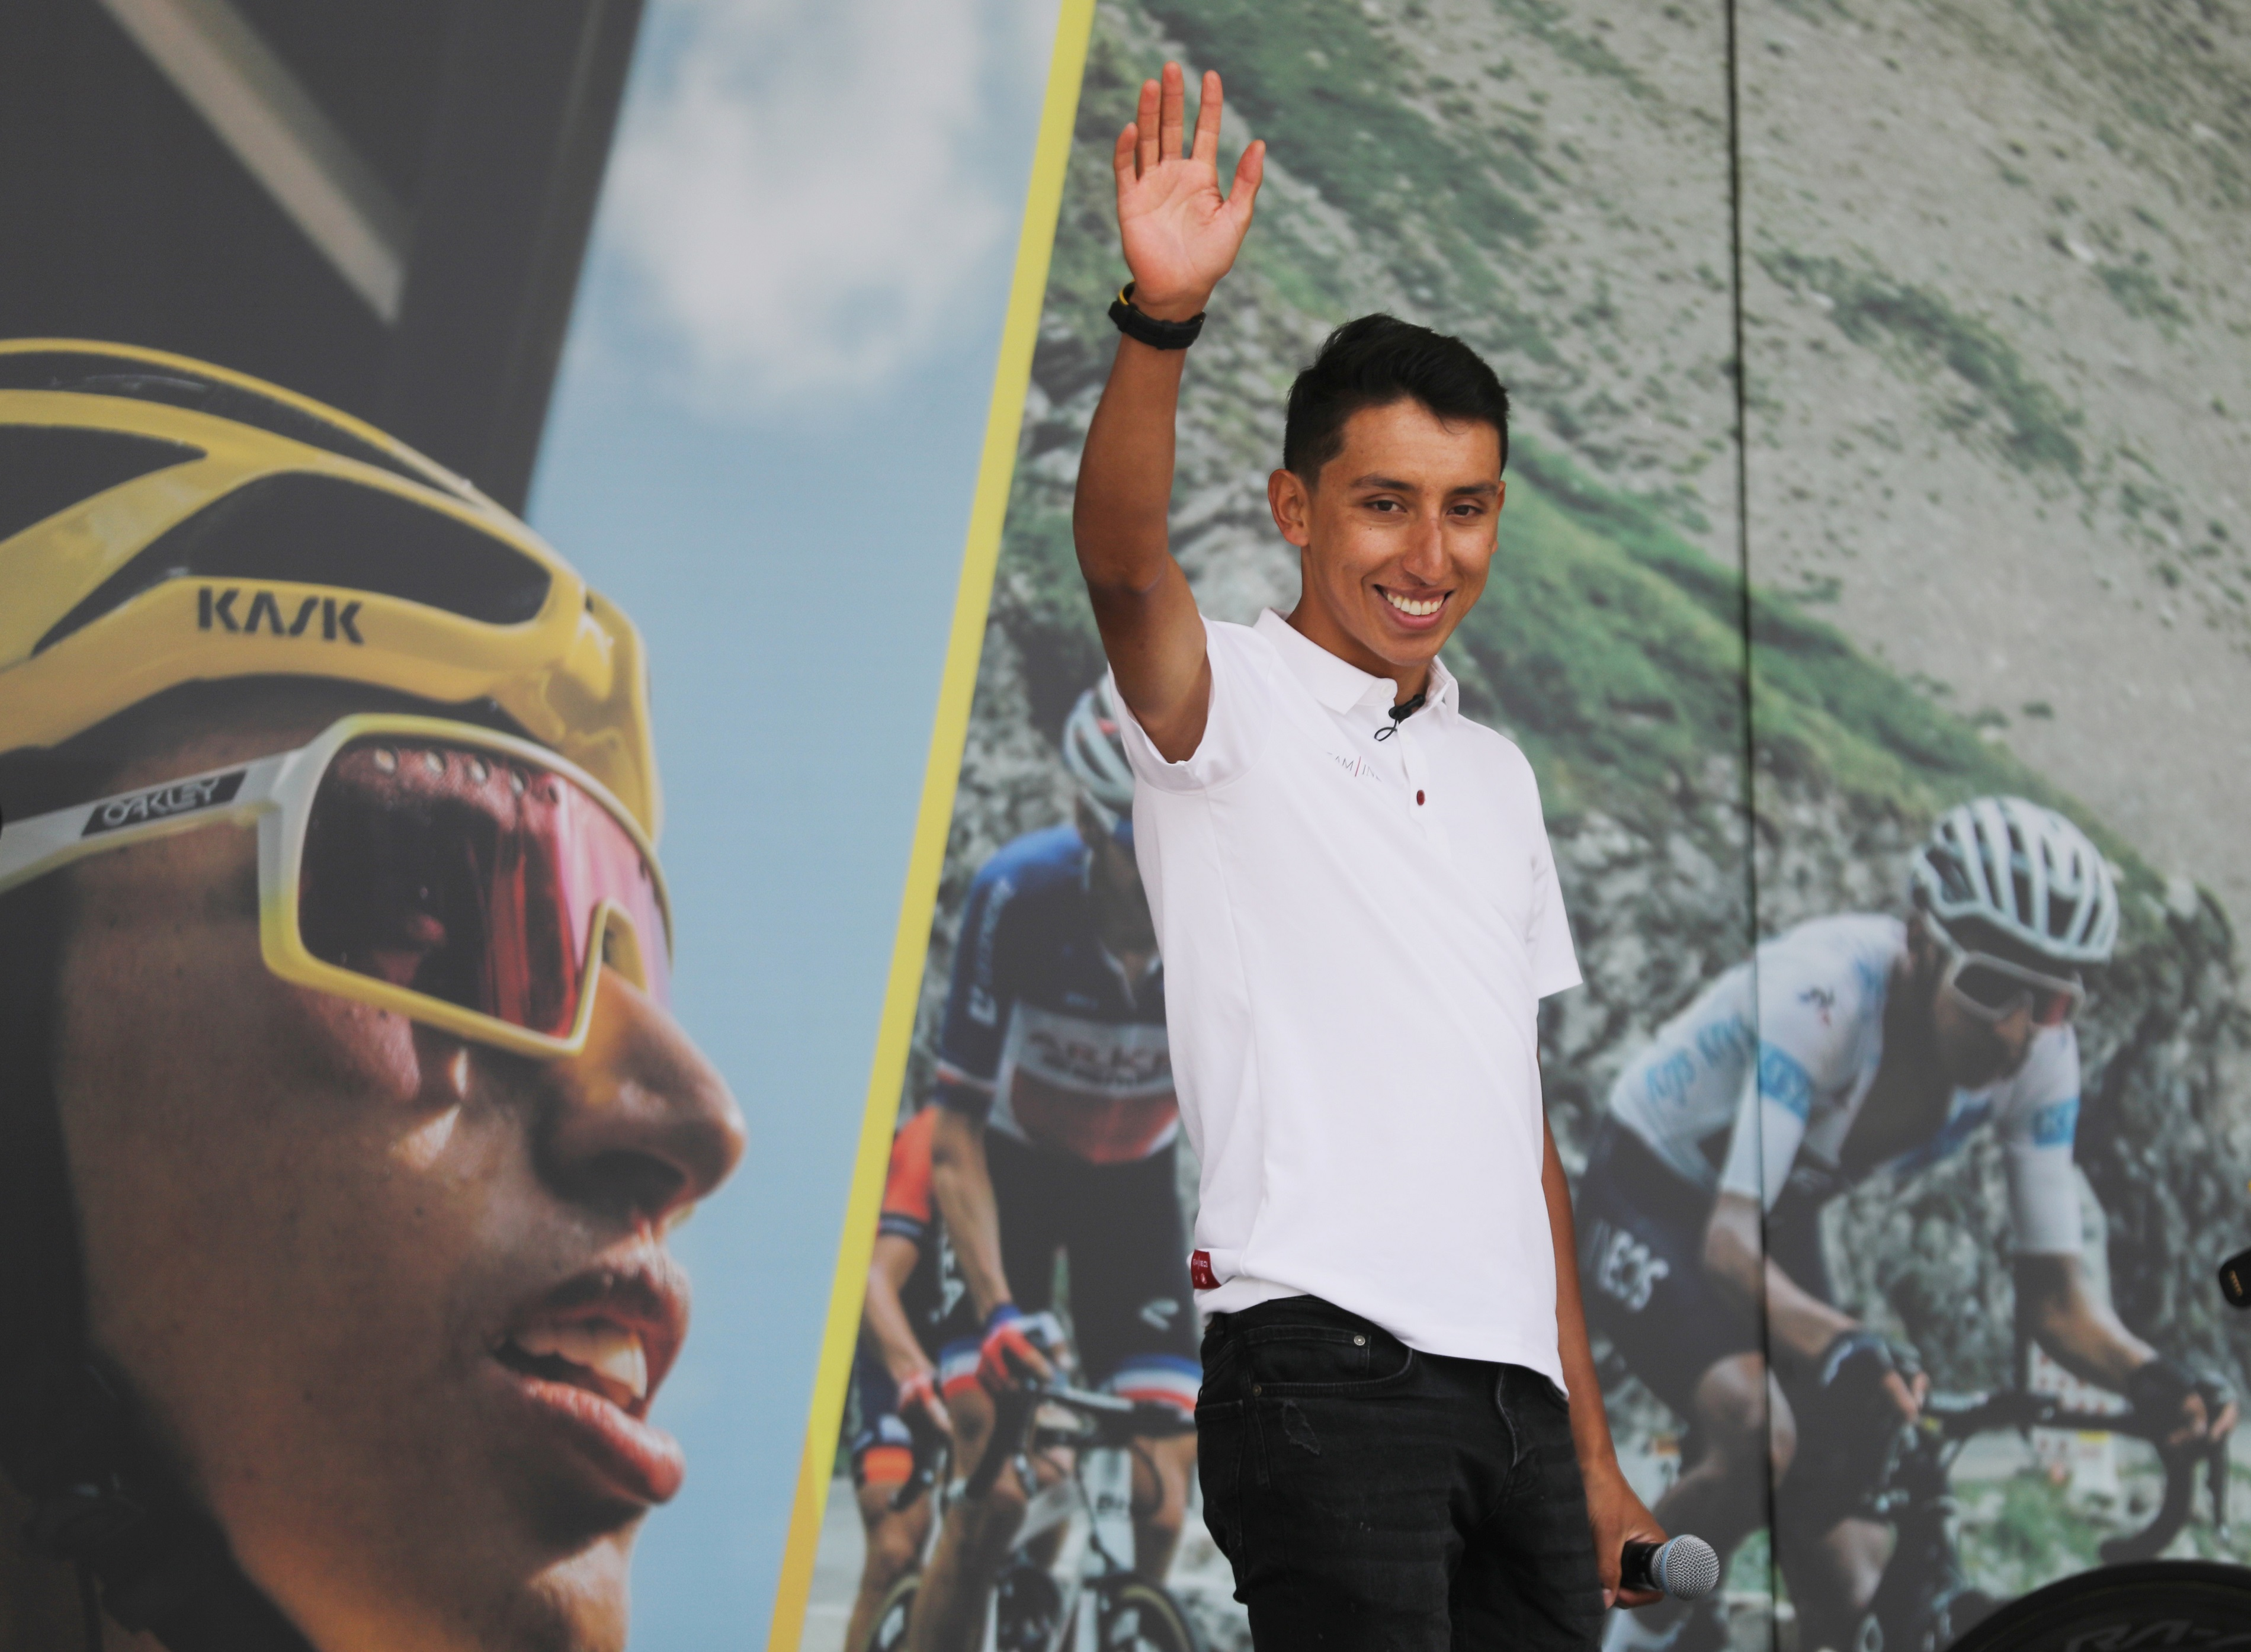 Cyclisme - Après son sacre sur le Tour, Bernal célébré en héros dans son fief de Zipaquira